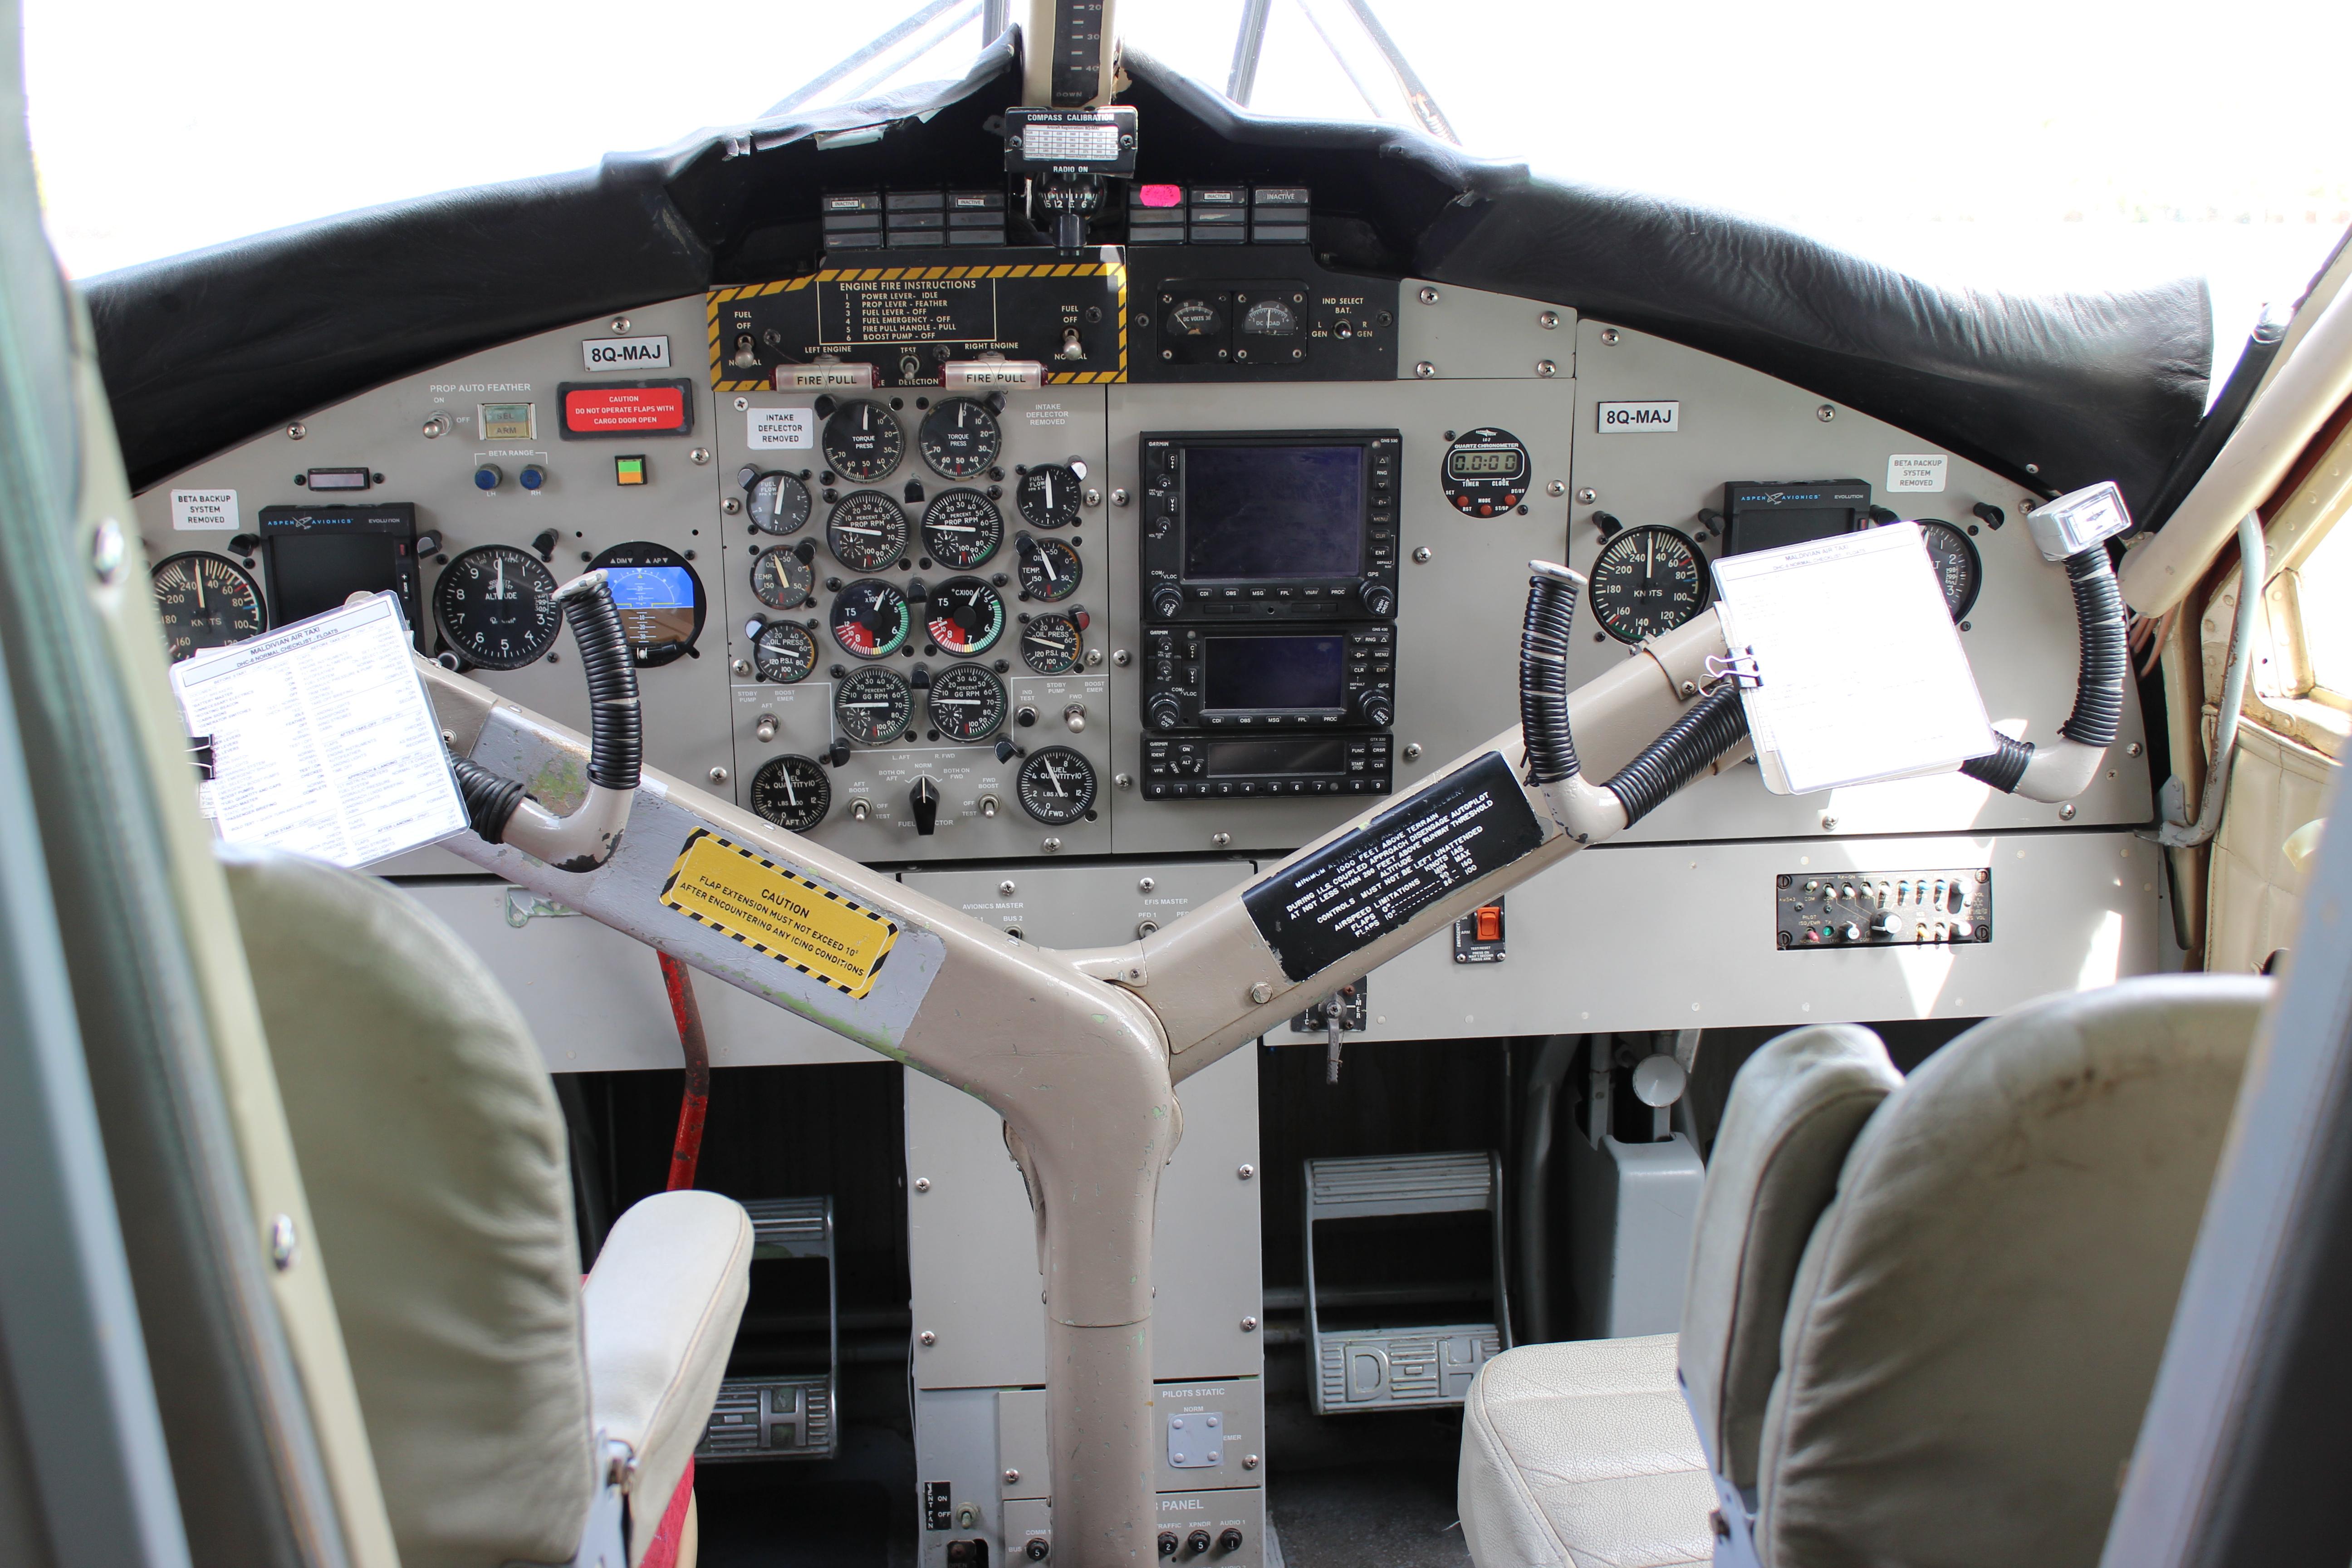 平生第一次看到飞机的驾驶室啊.